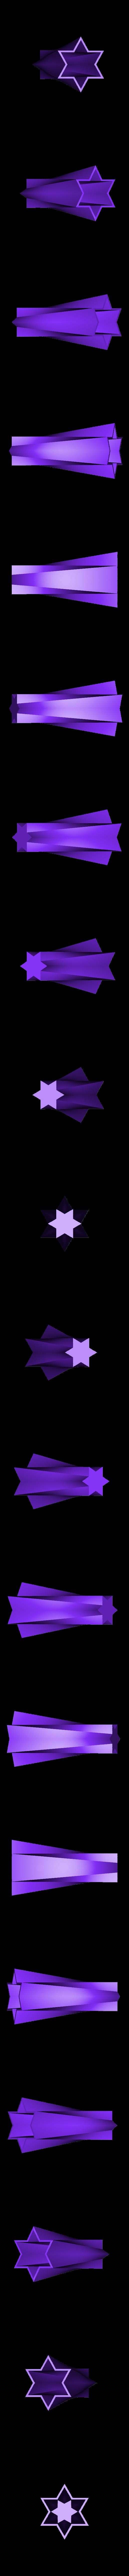 star_vase.stl Télécharger fichier STL gratuit Vase Etoile de David • Modèle imprimable en 3D, Balkhgar